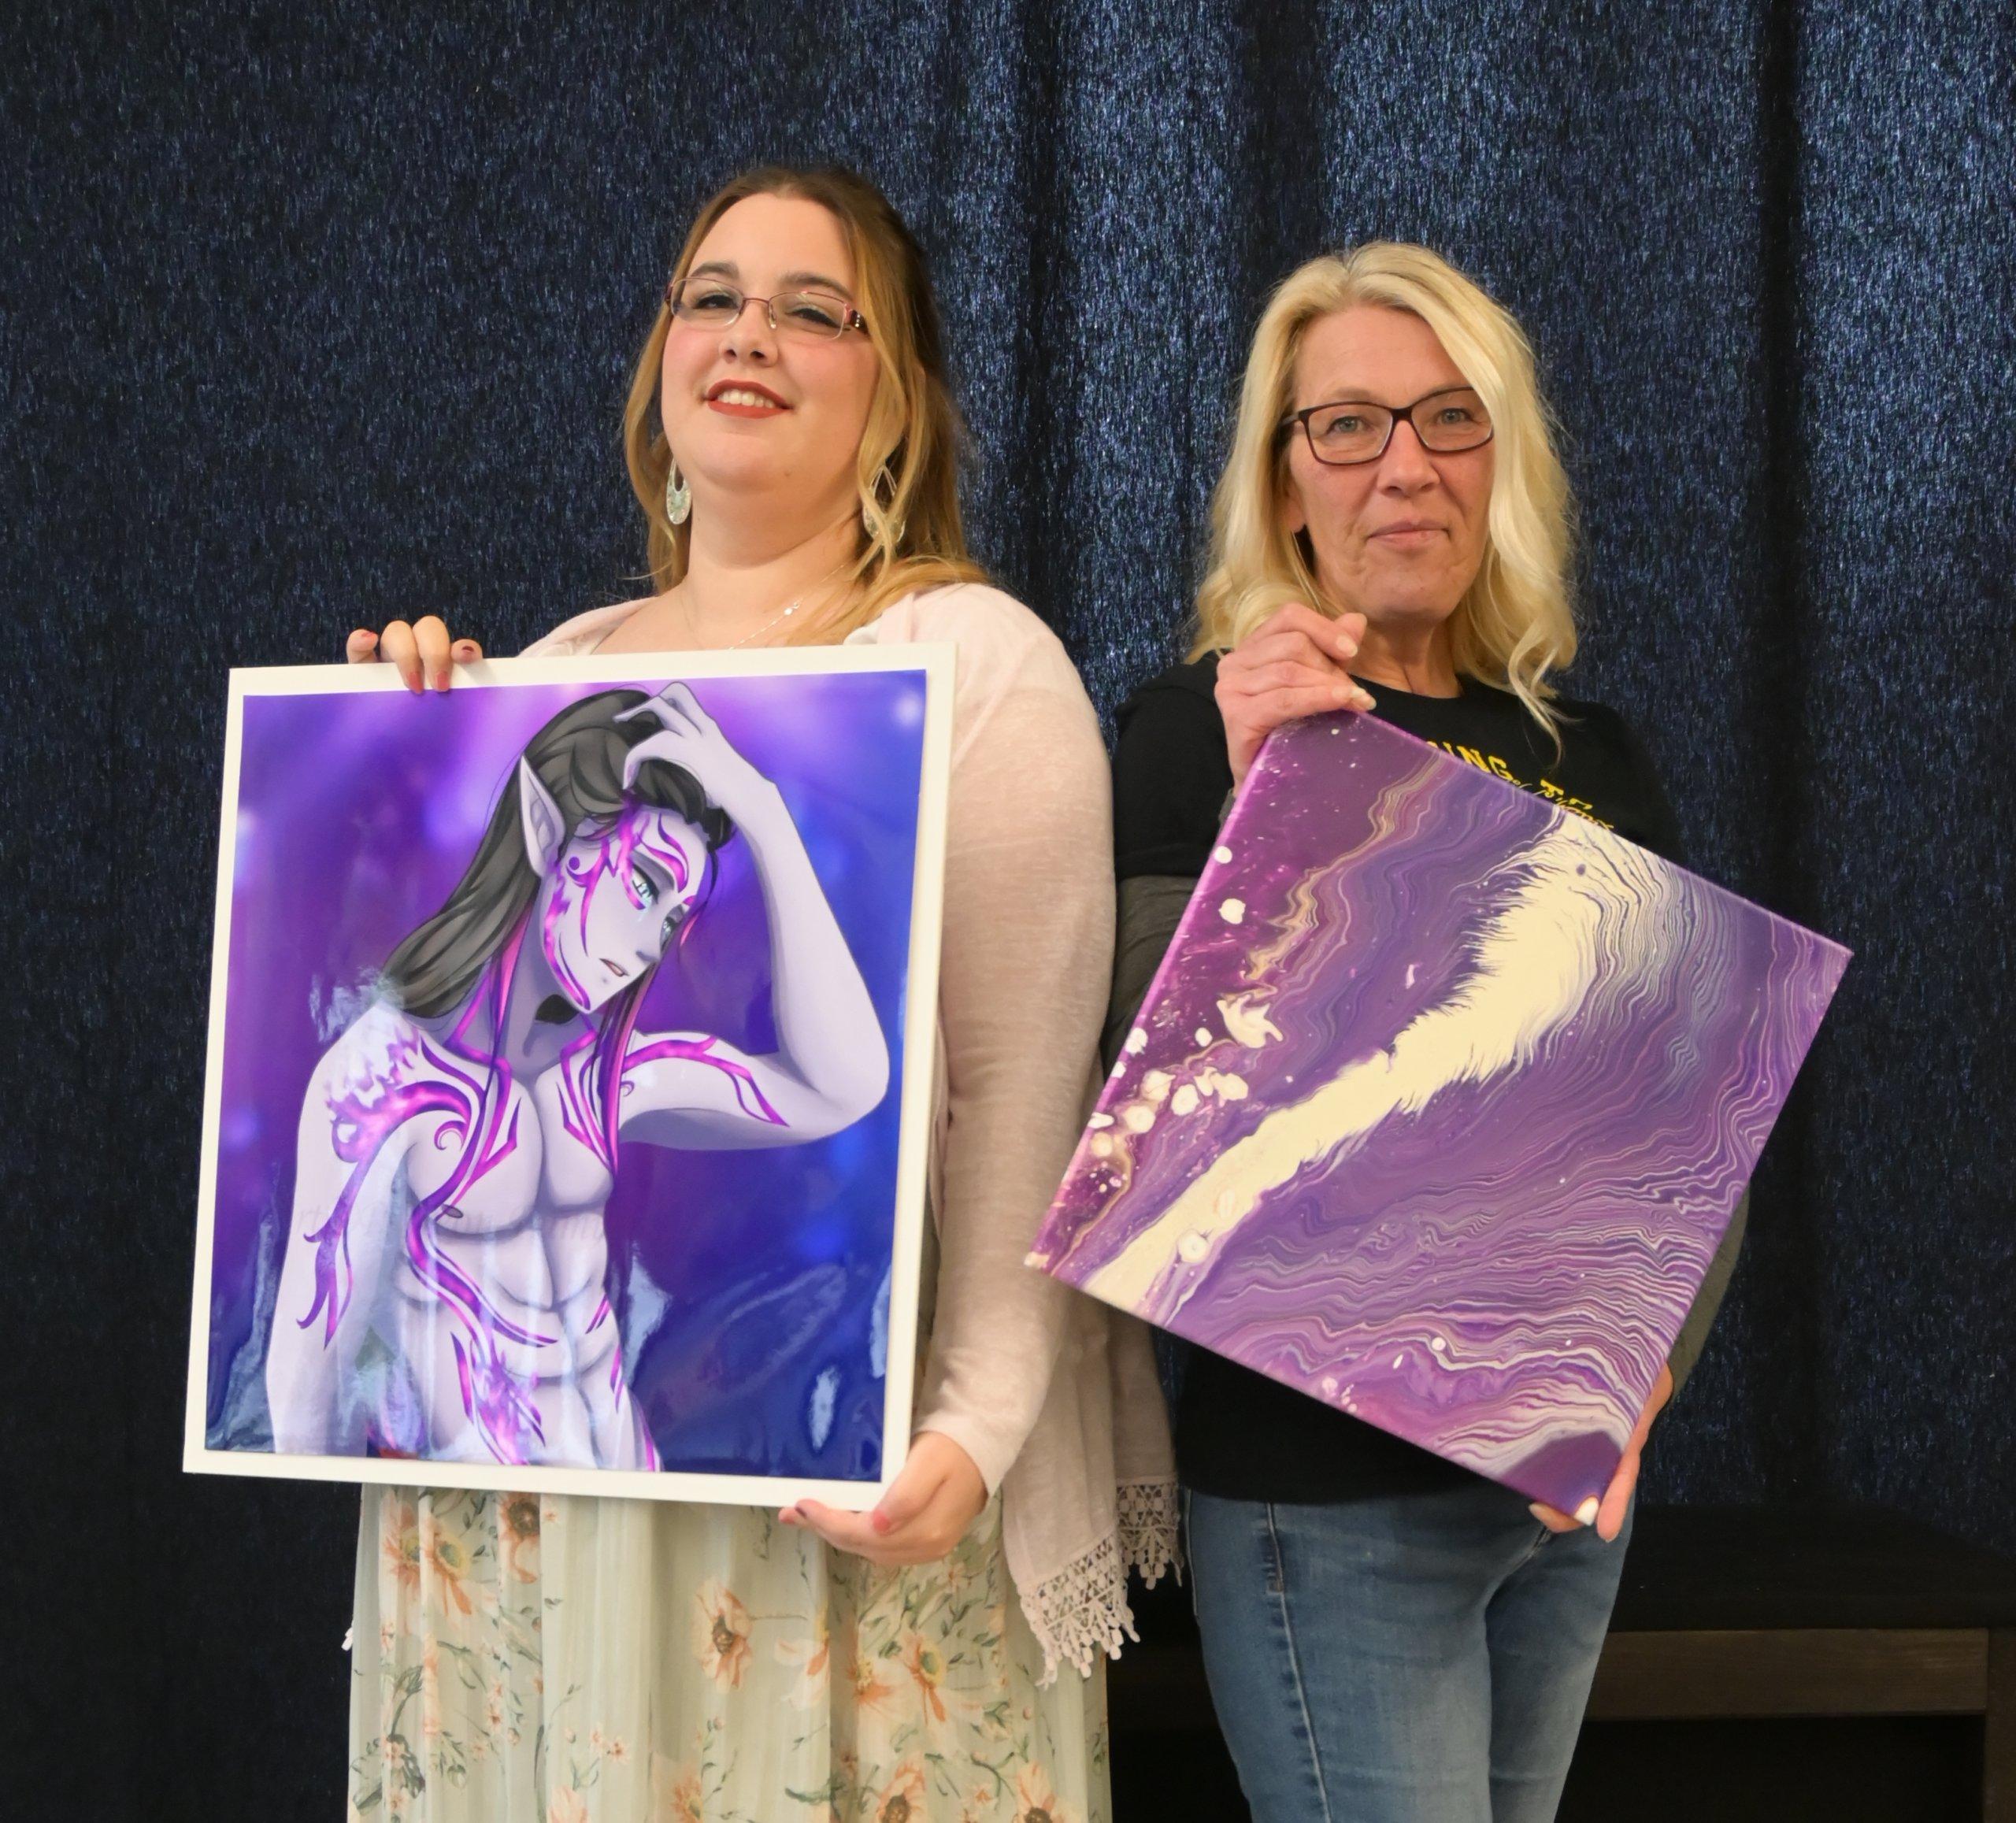 Das Bild zeigt die Künstlerinnen Helena_alias Fuminu und Silvia mit von ihnen geschaffenen Werken im Kiezladen WAMA.